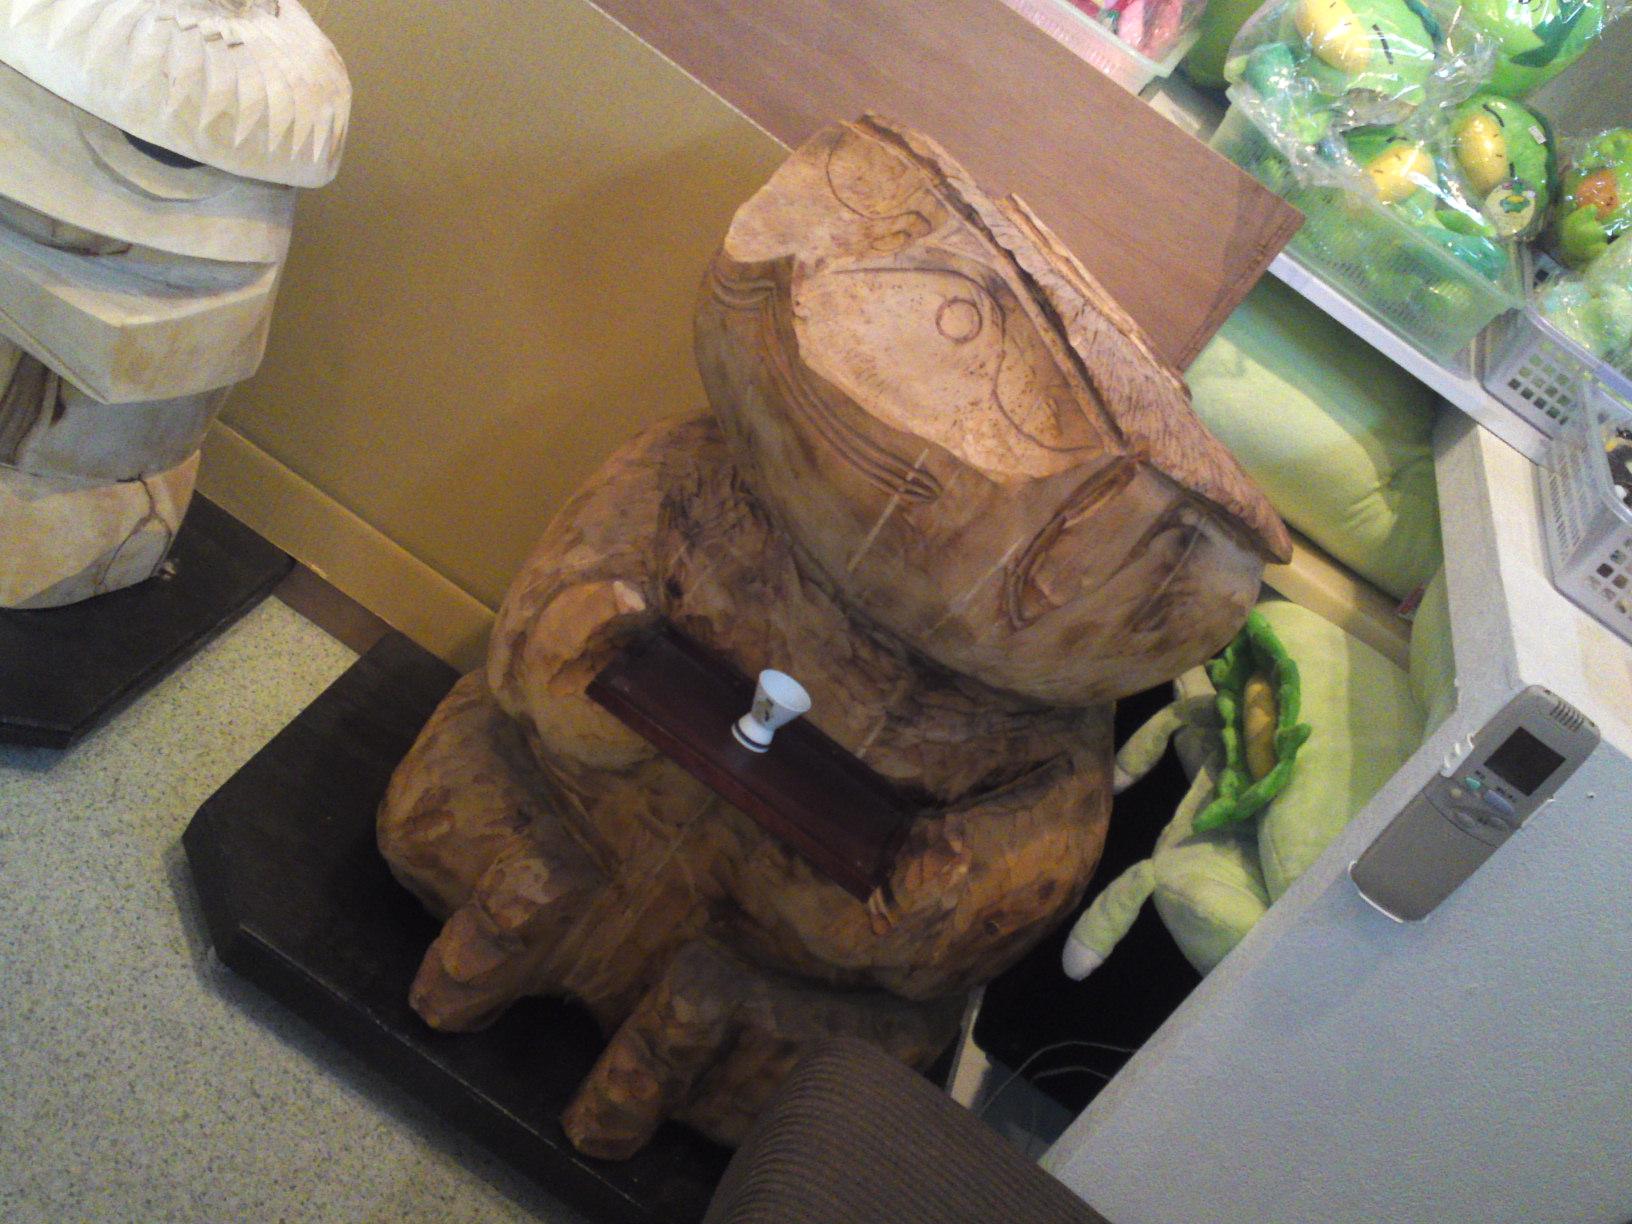 Collection de Kappa au Musée de Kappa de Tach-chan's dans la Ville de Yaizu en forme d'ours